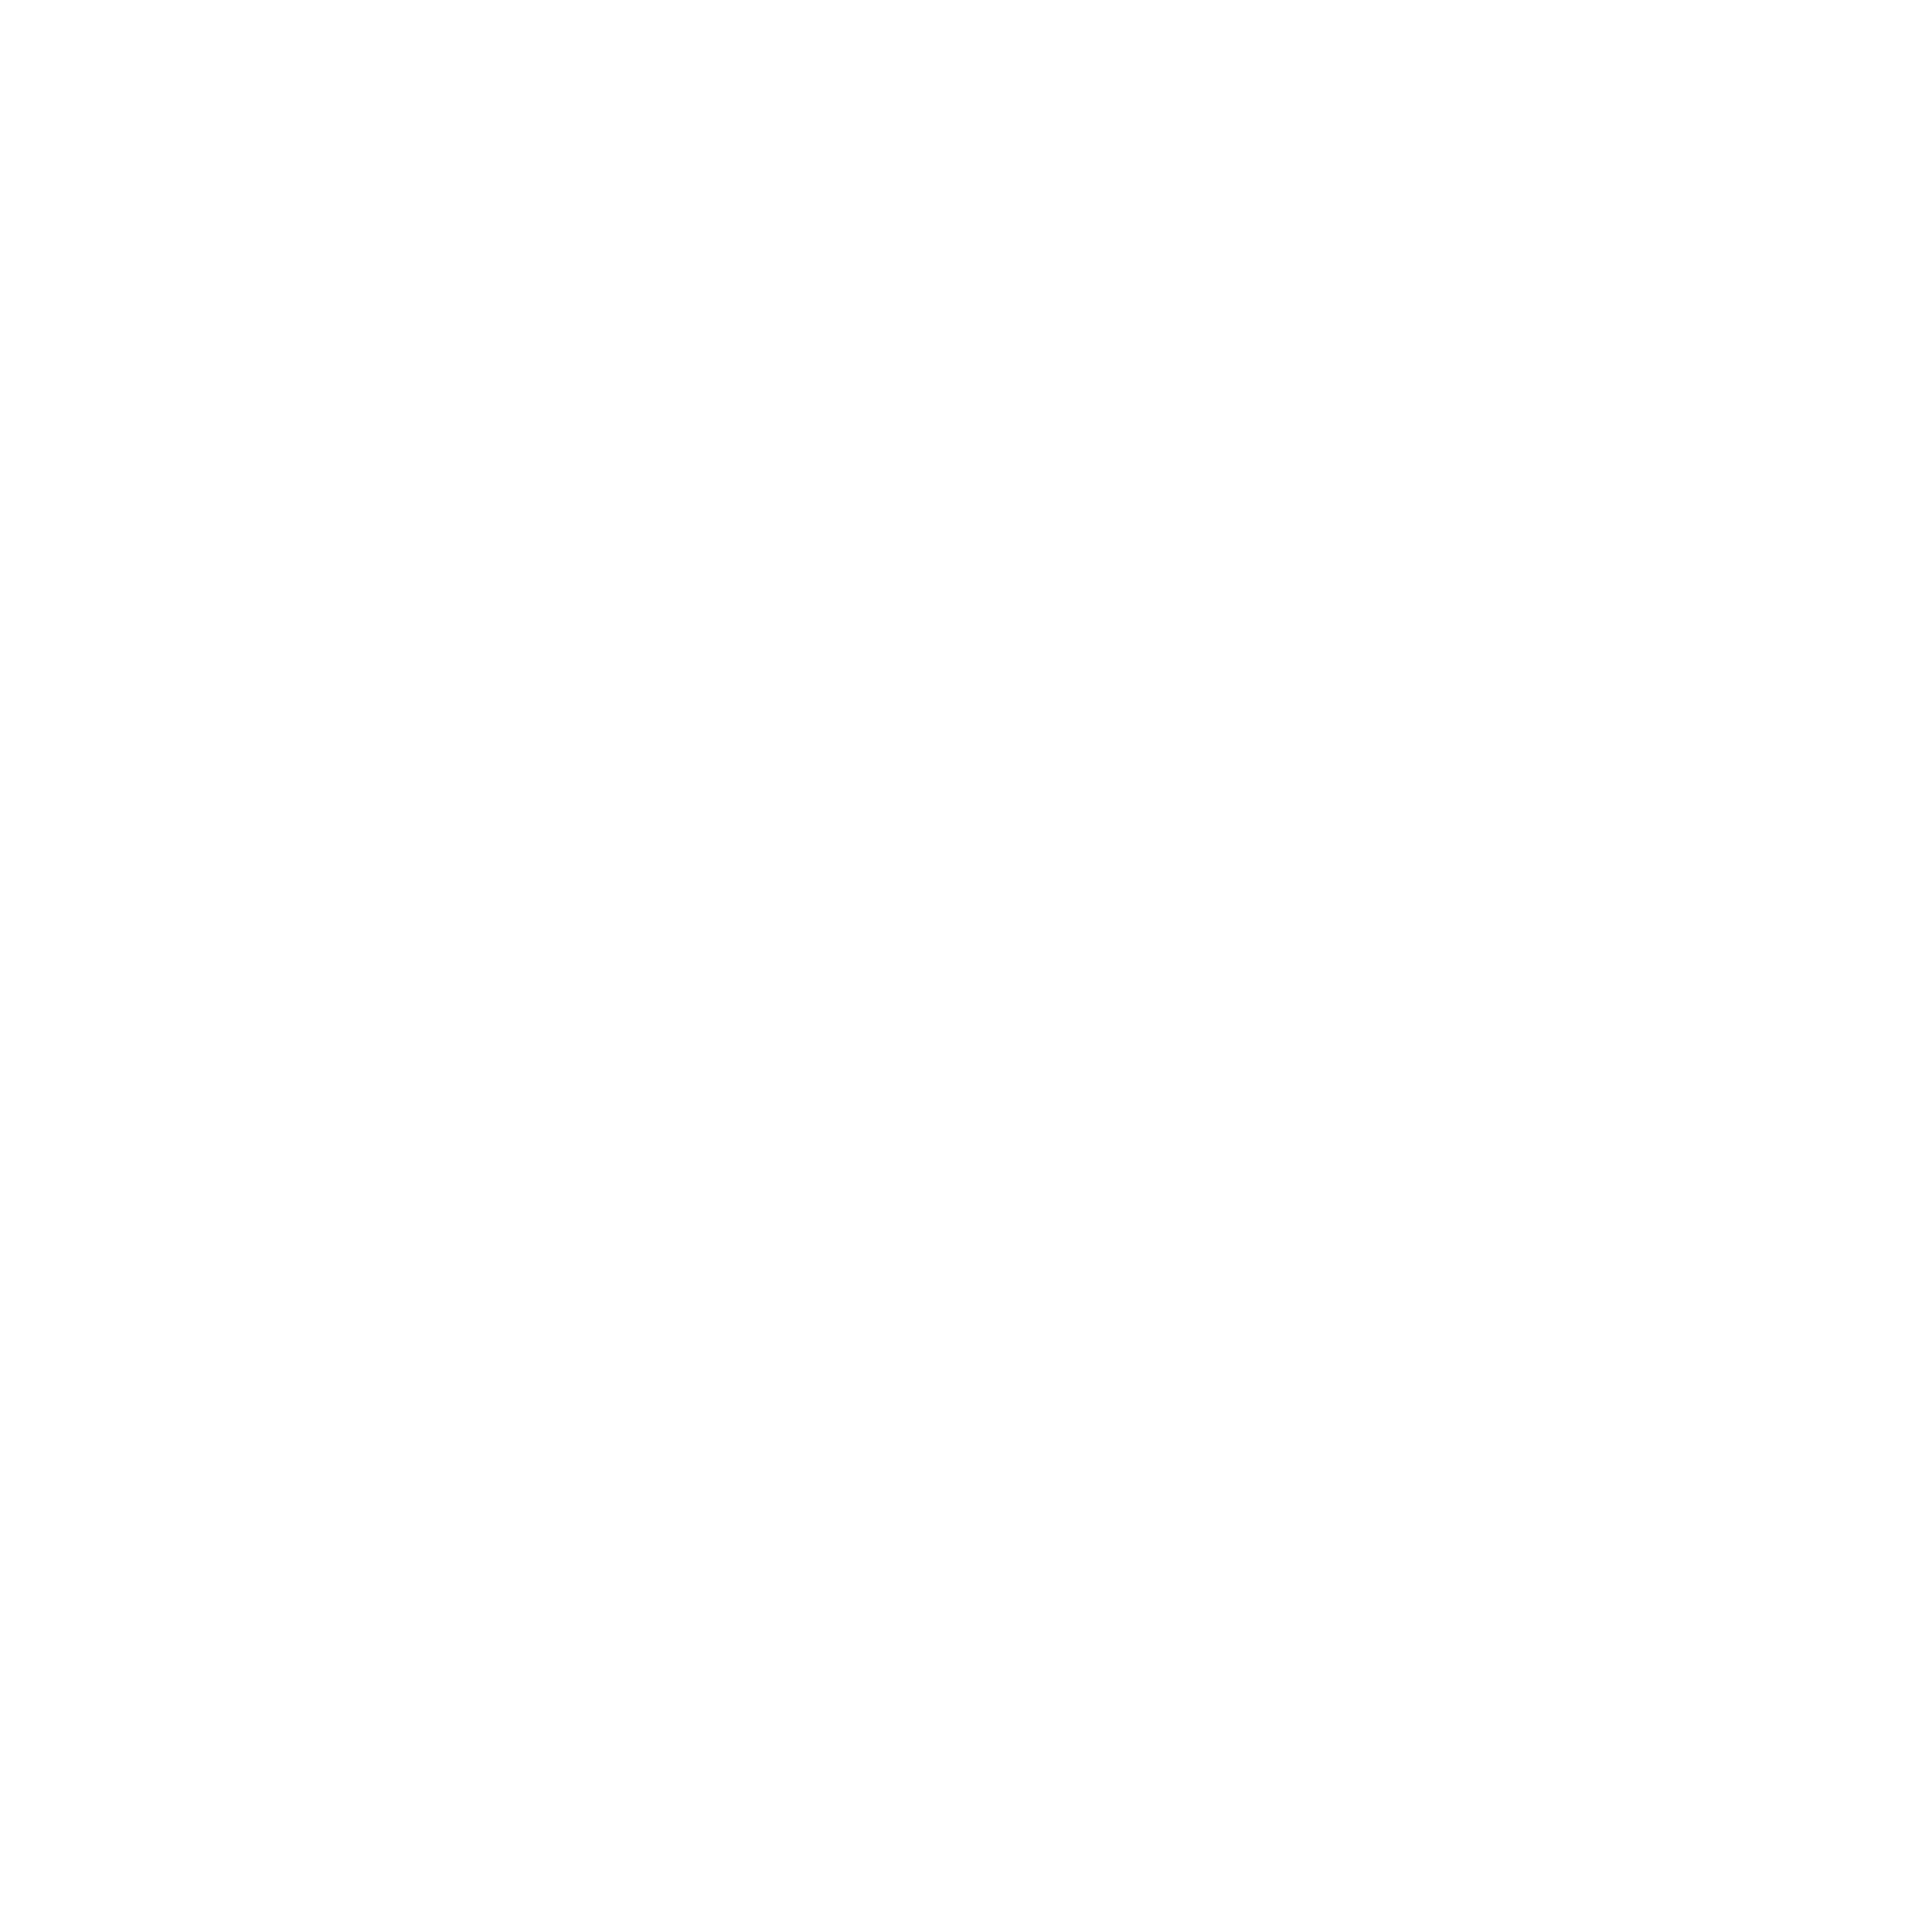 Linear Logos v2 TRANS4